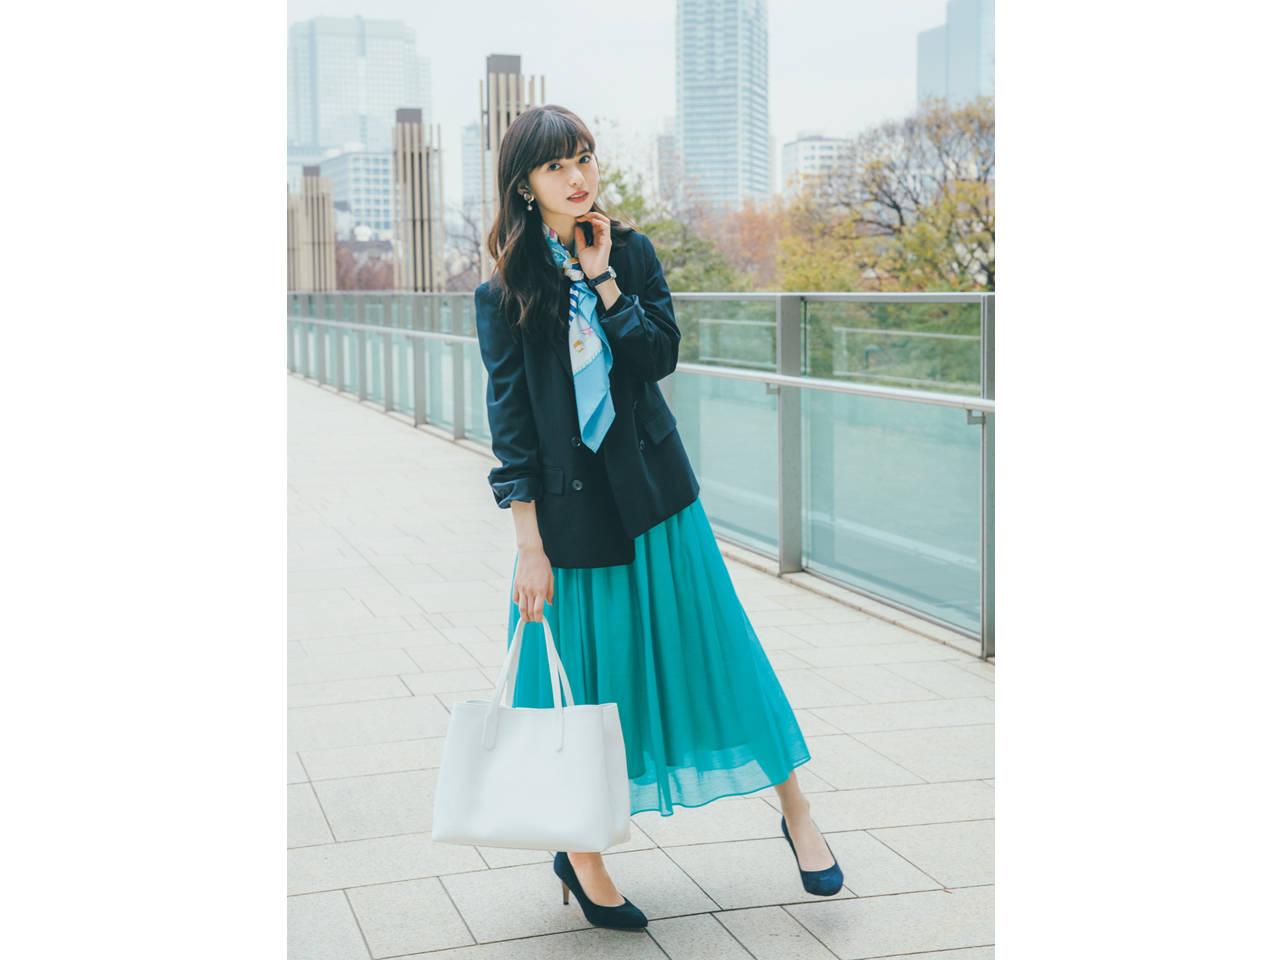 オフィスカジュアルの齋藤飛鳥さん